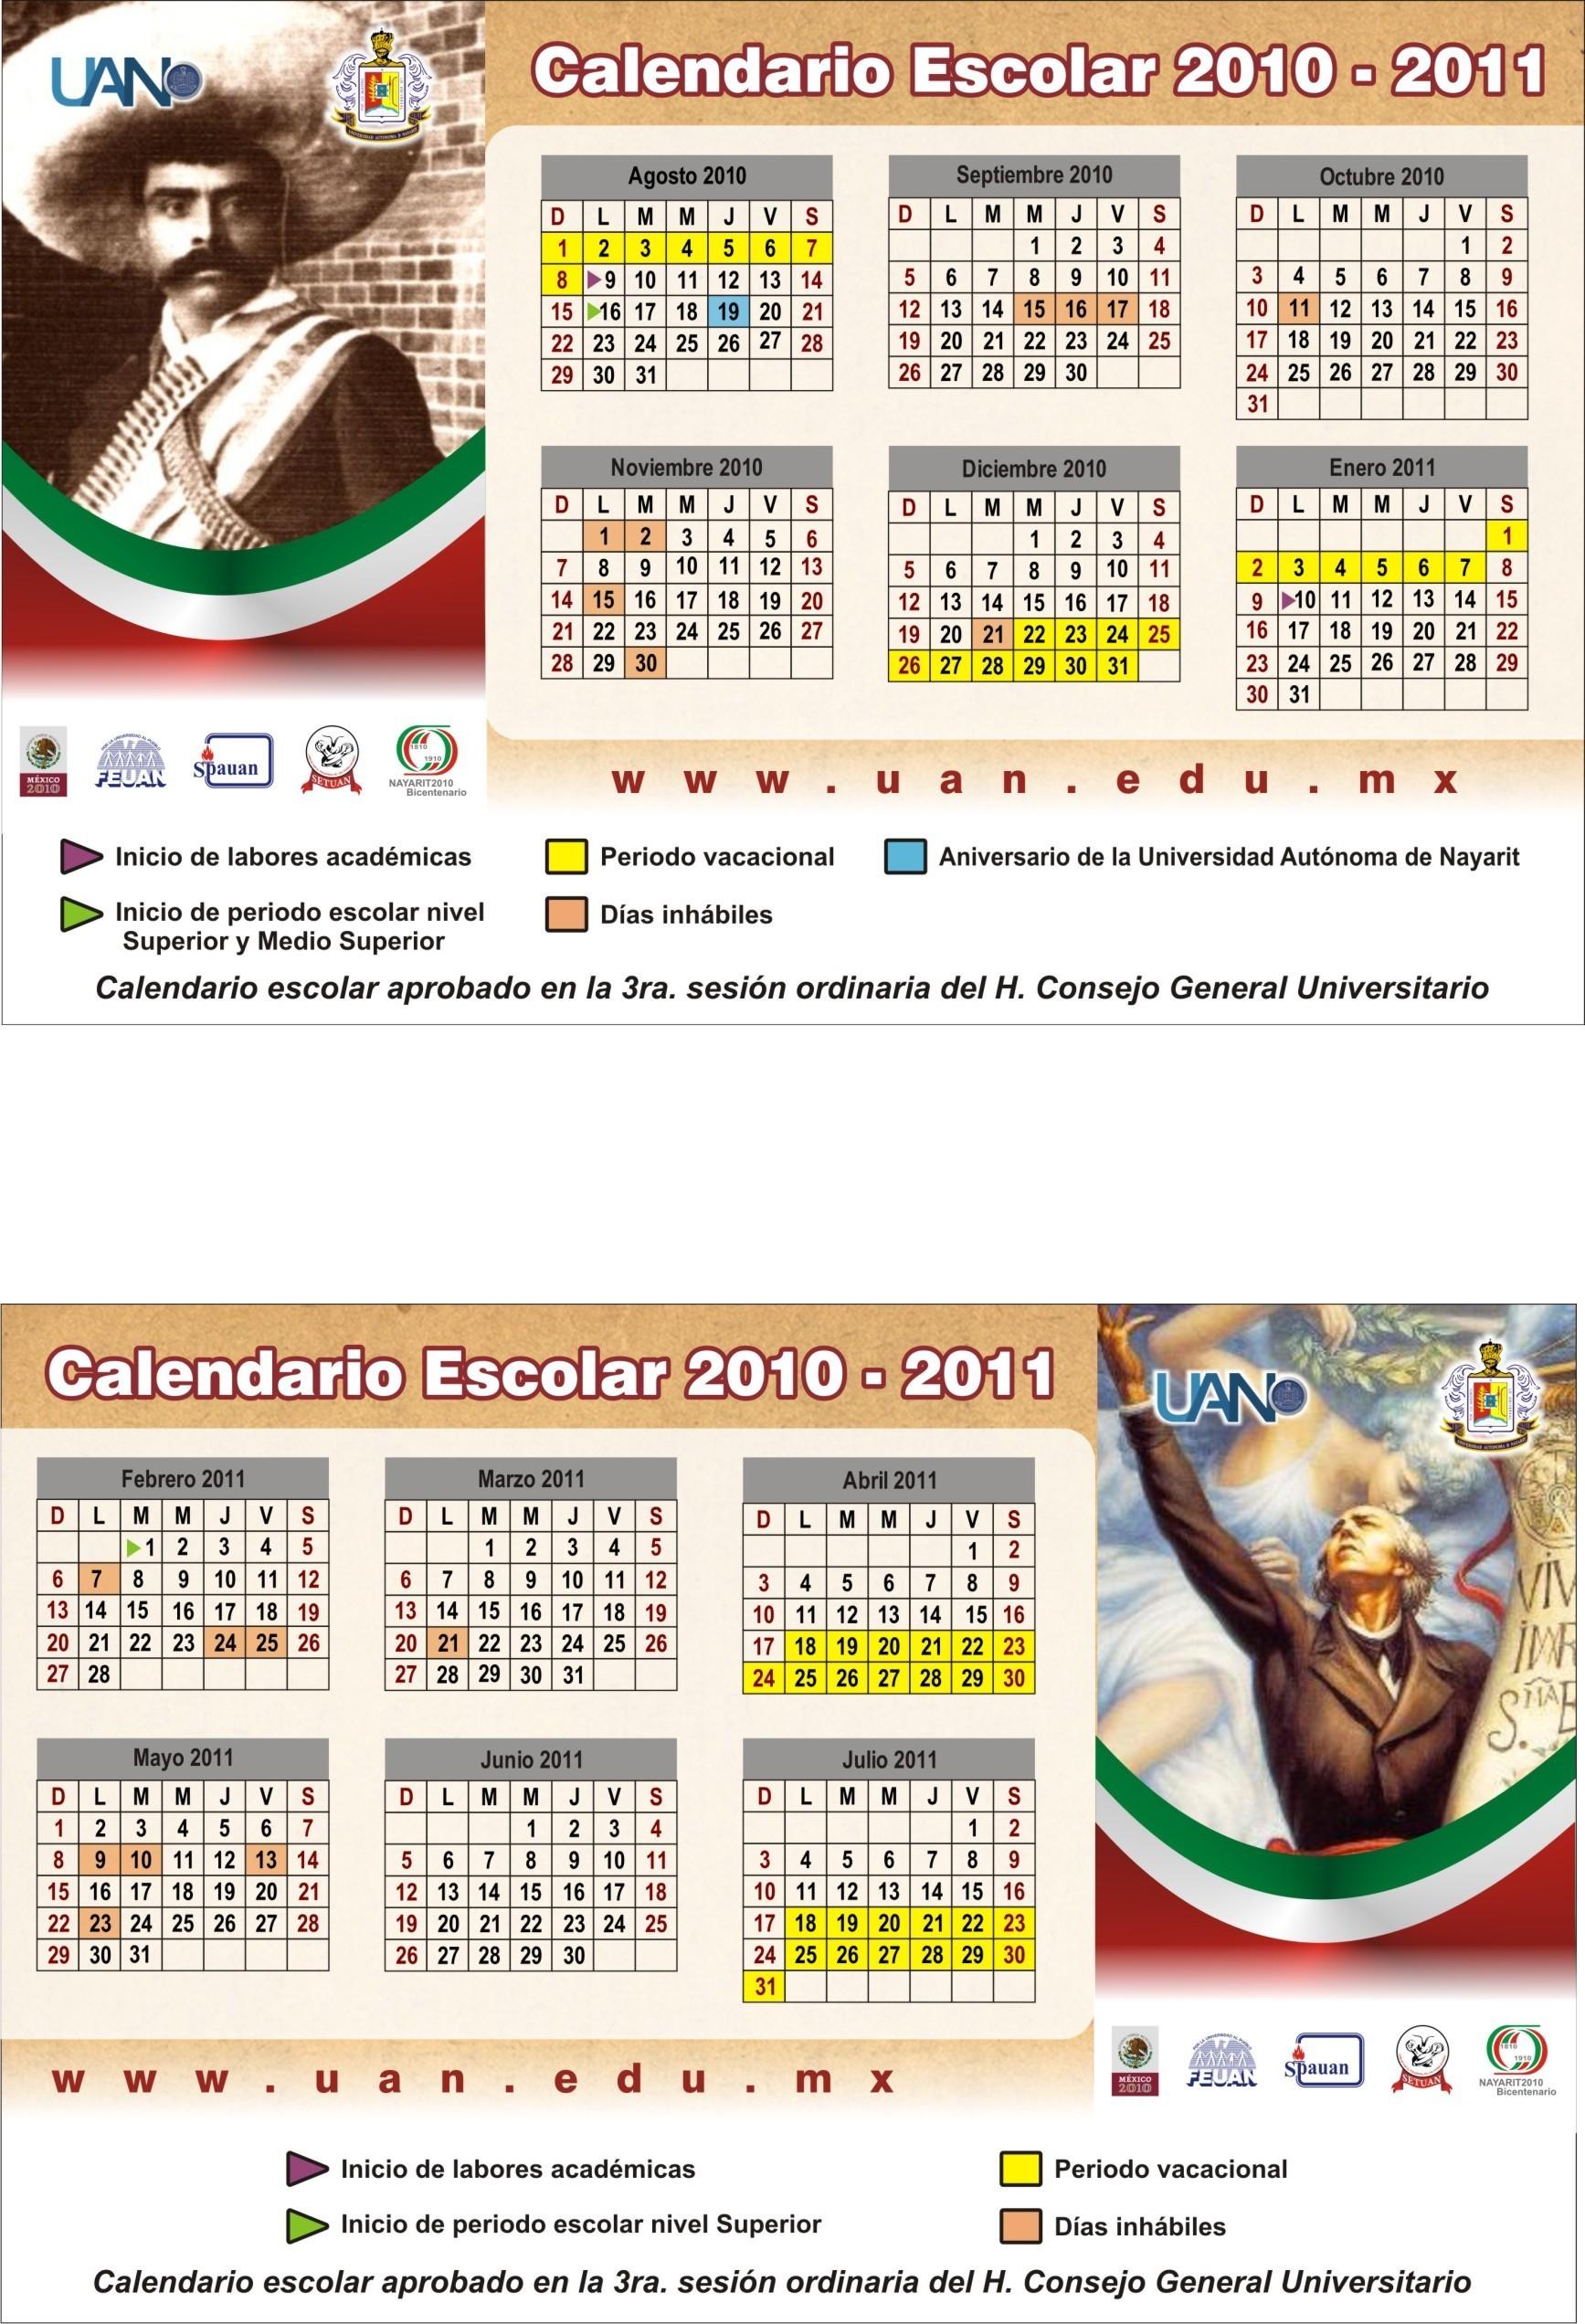 Calendario de bolsillo ver en alta resoluci³n[831